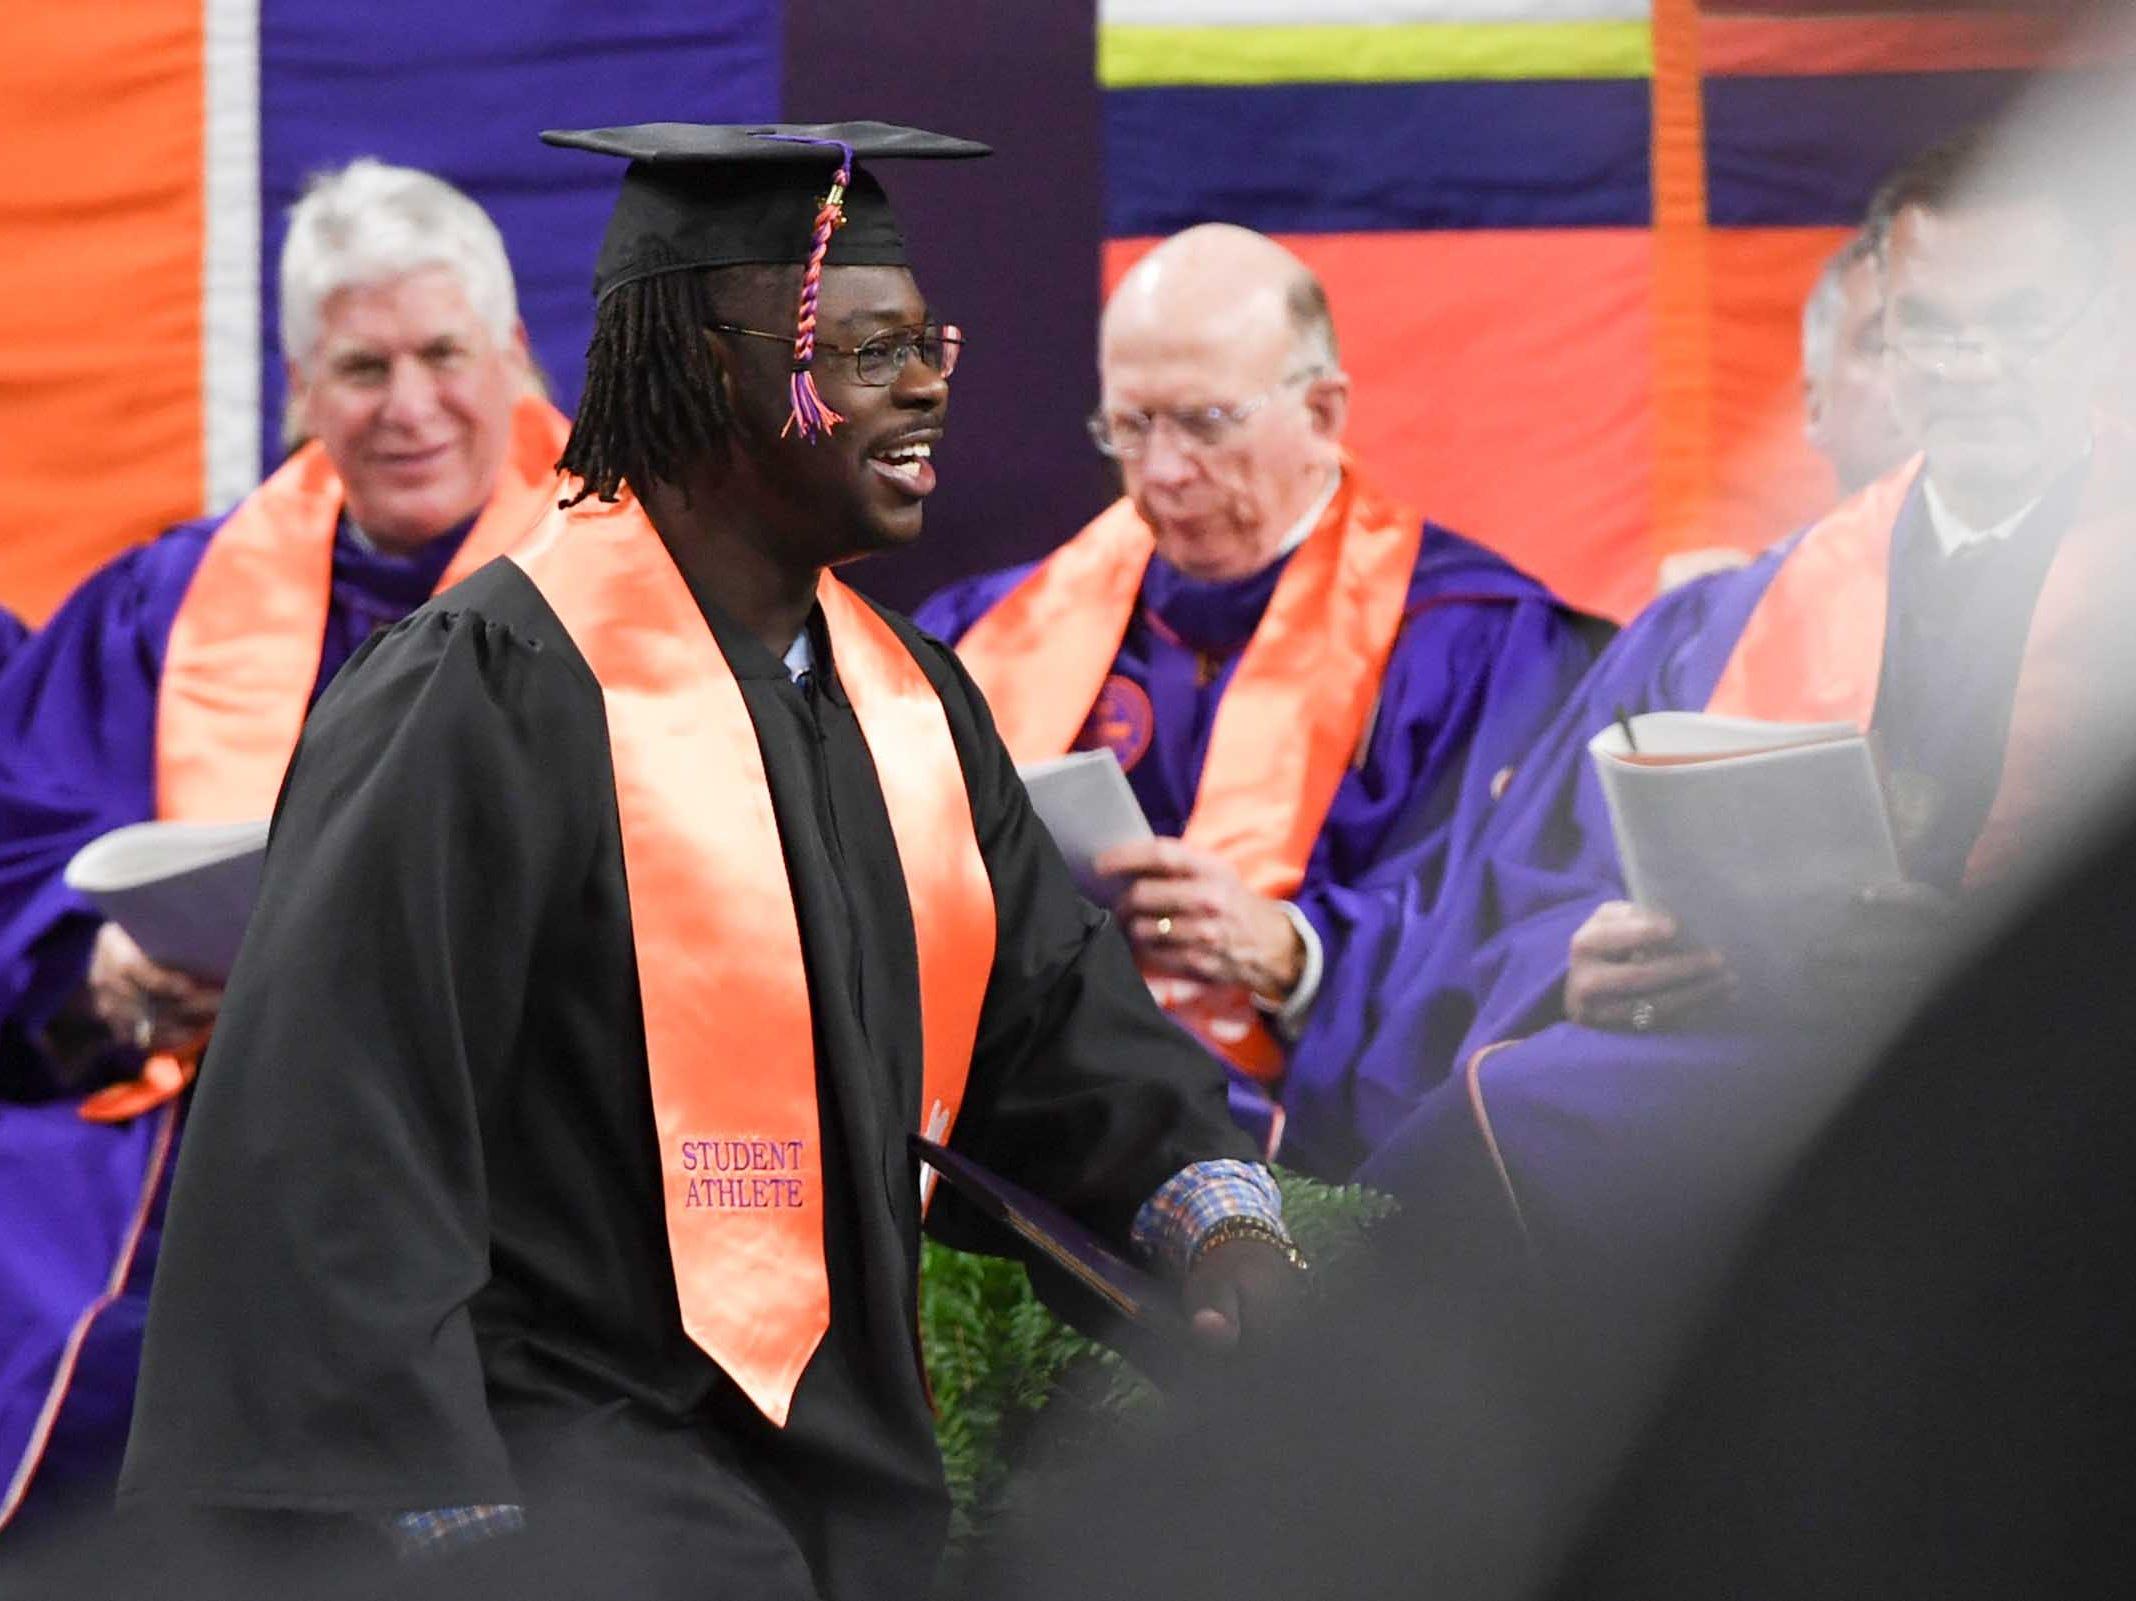 Clemson defensive lineman Albert Huggins during Clemson University graduation ceremony Thursday morning in Littlejohn Coliseum in Clemson.